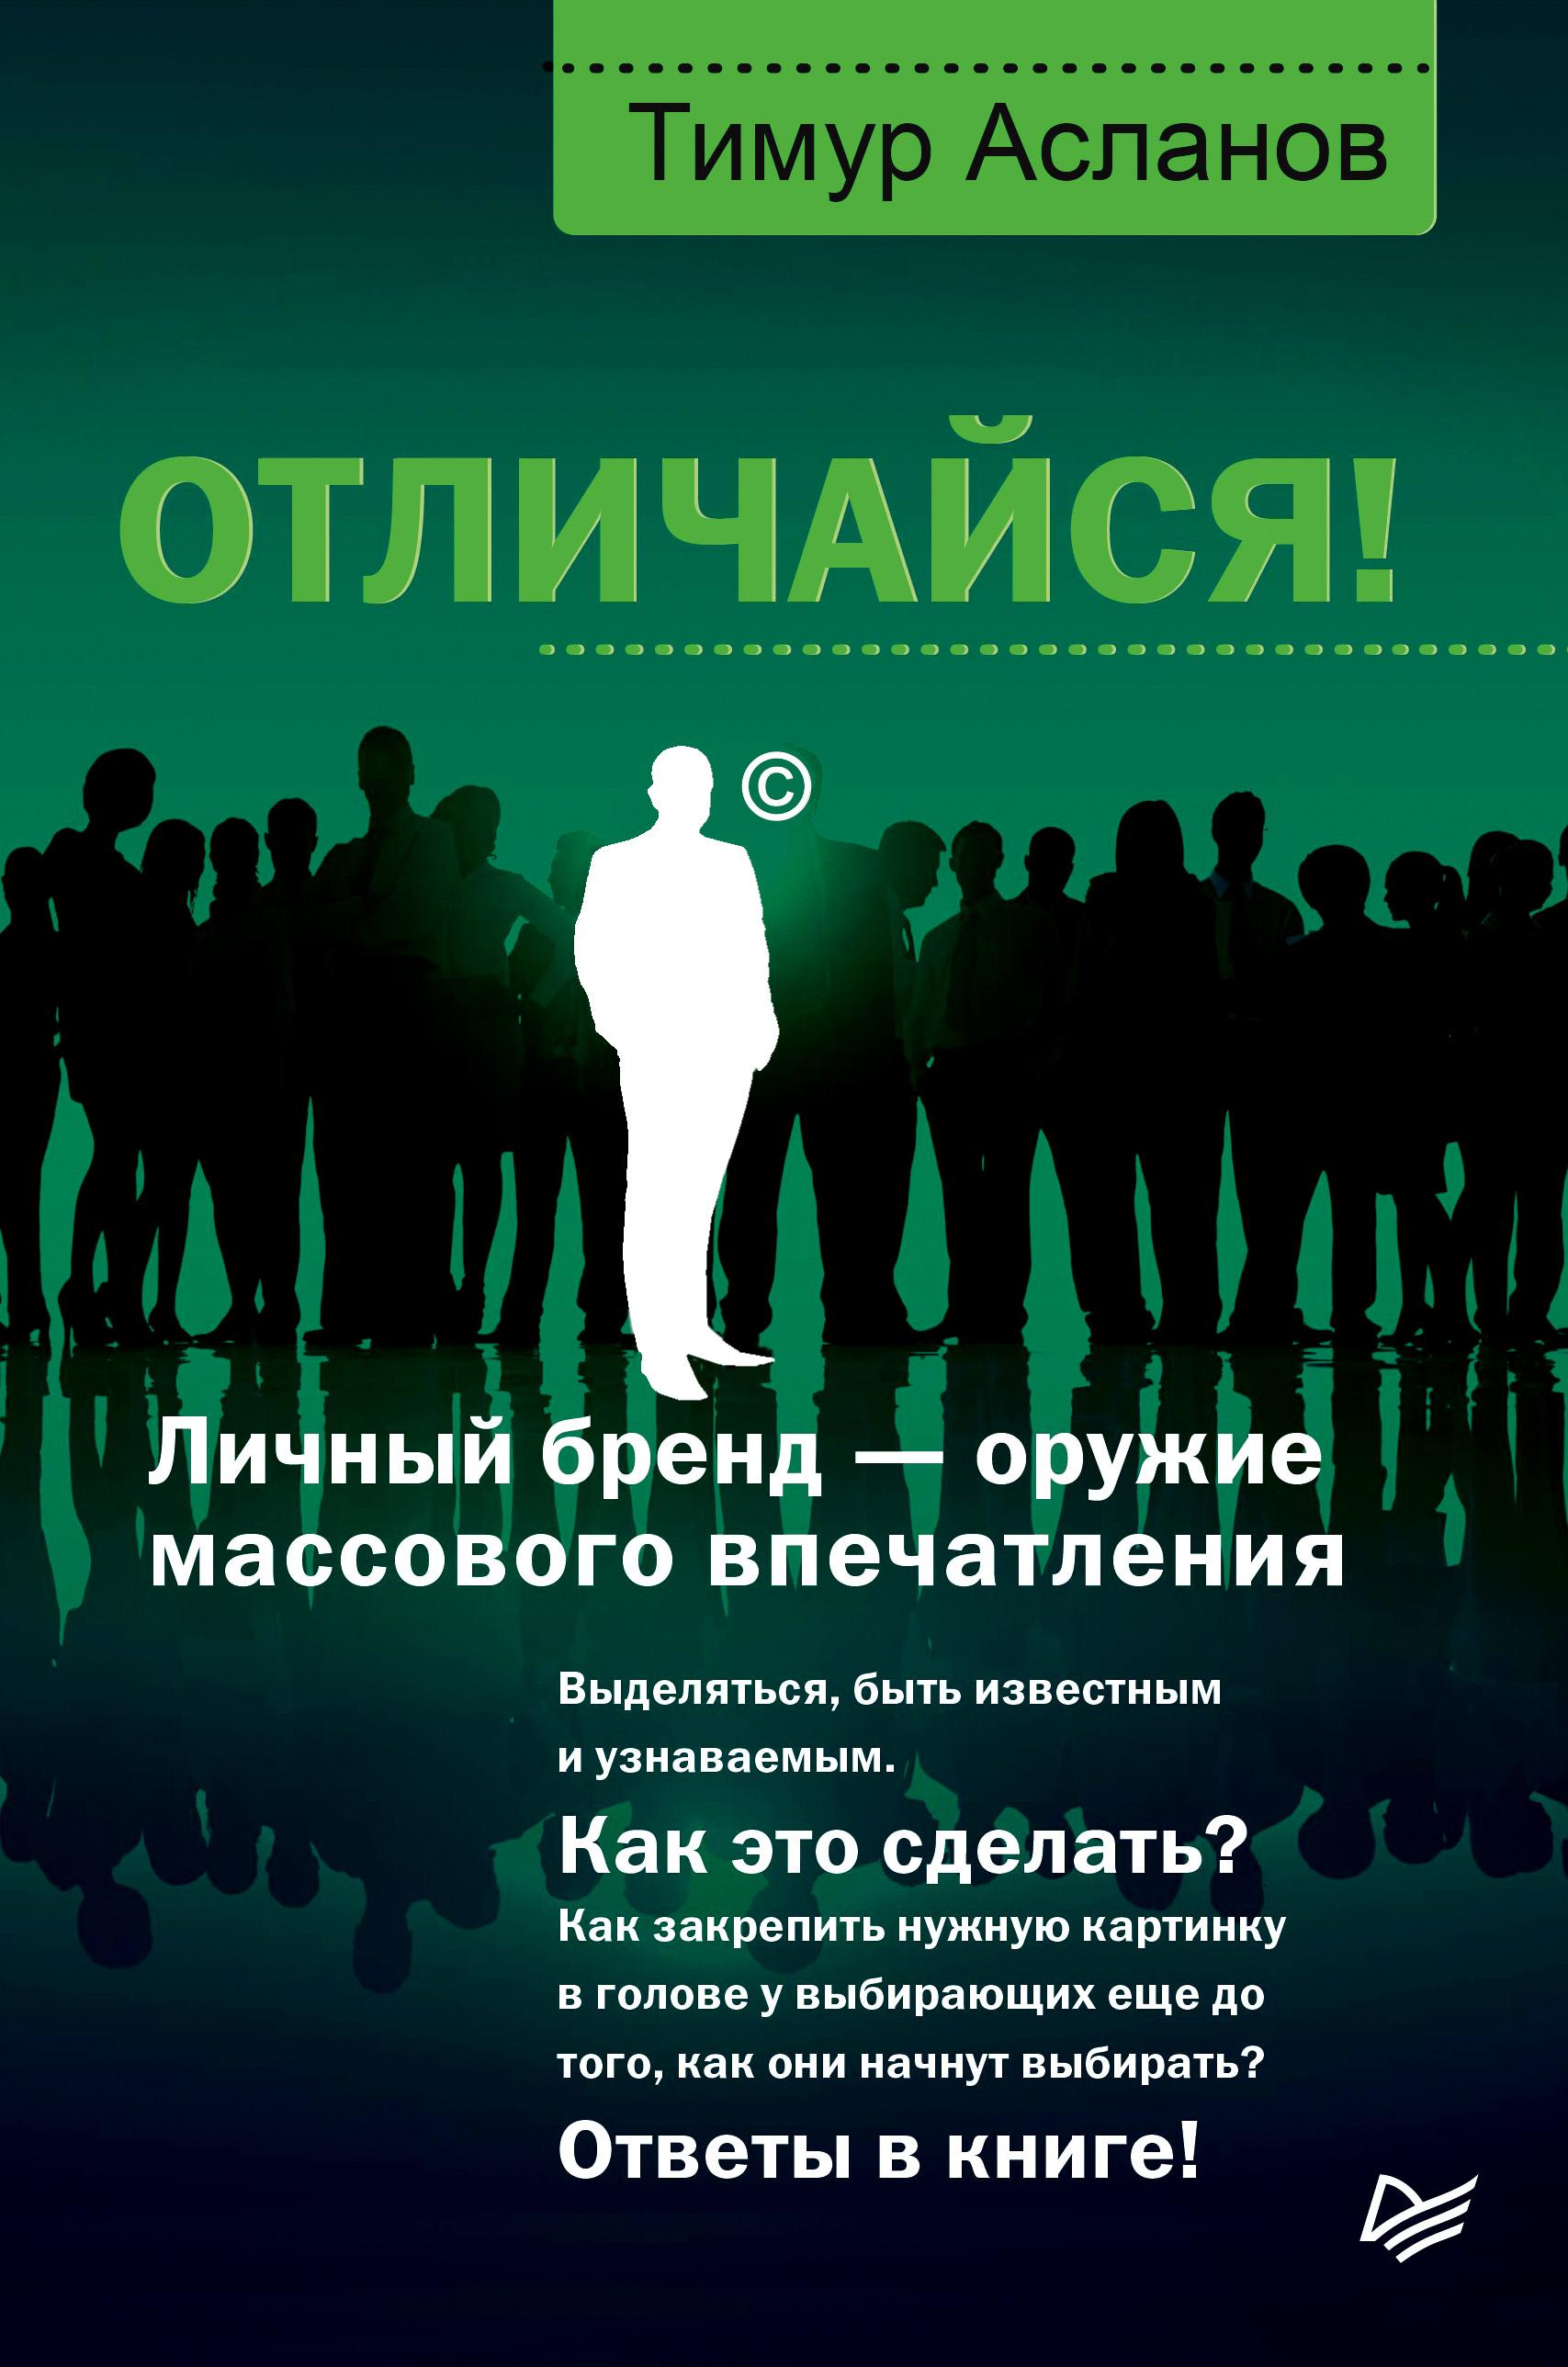 Обложка книги. Автор - Тимур Асланов